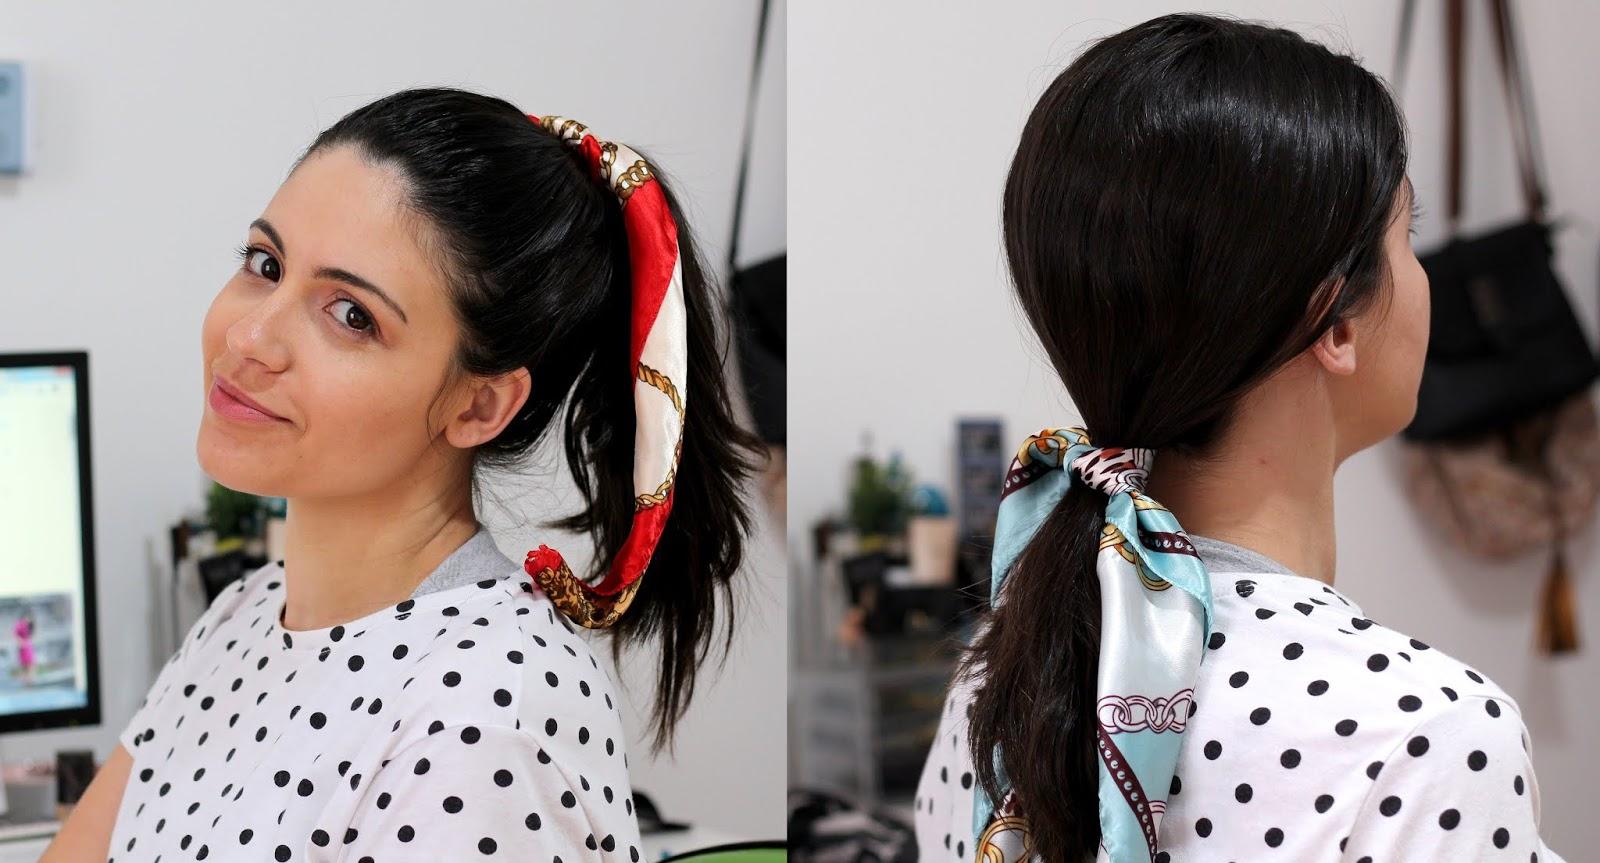 Jeitos de usar lenço como usar lenço na cabeço anadodia ana do dia